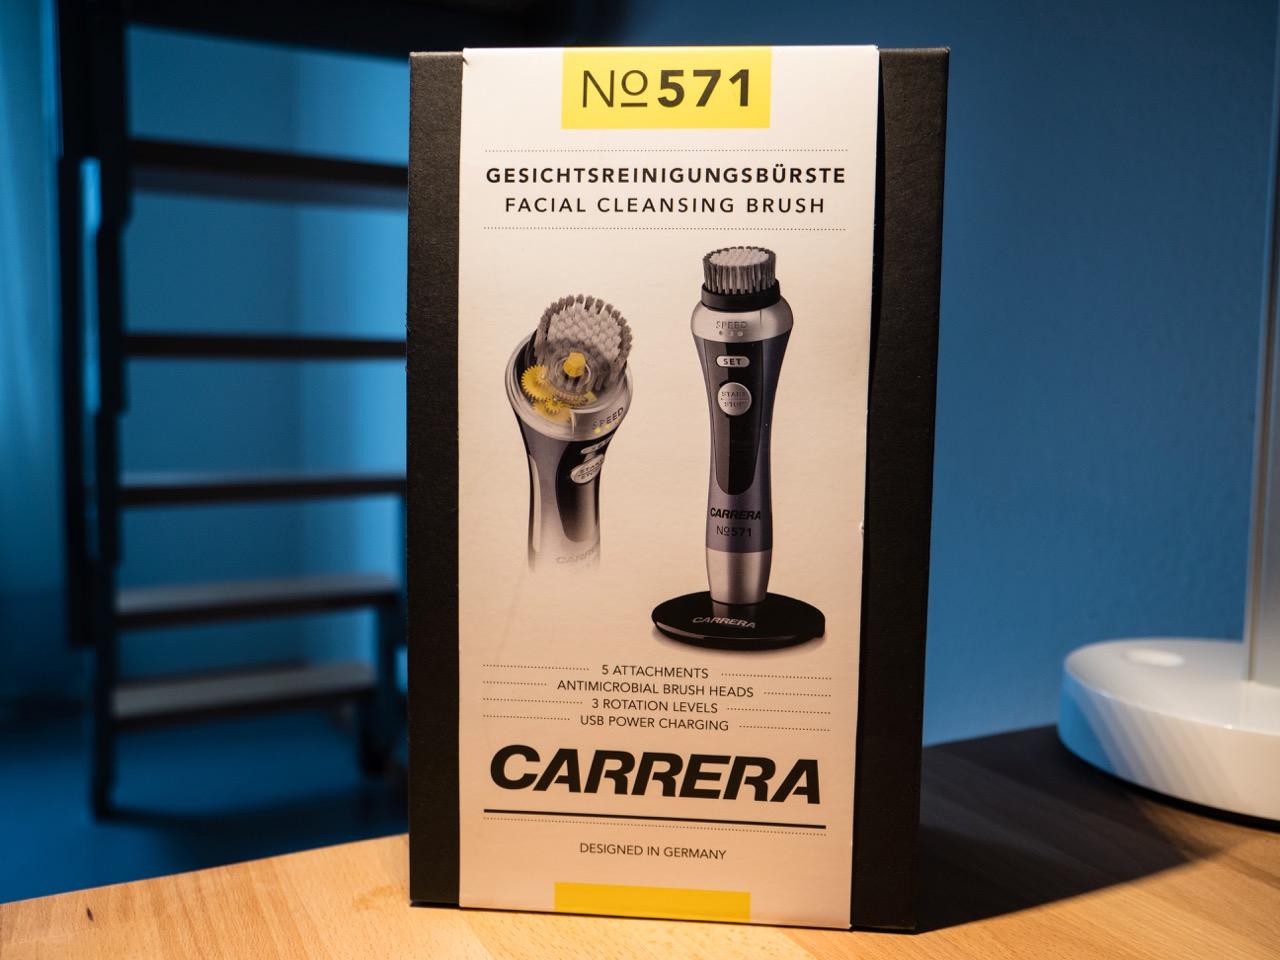 Carrera - elektrische Gesichtsreinigungsbürste